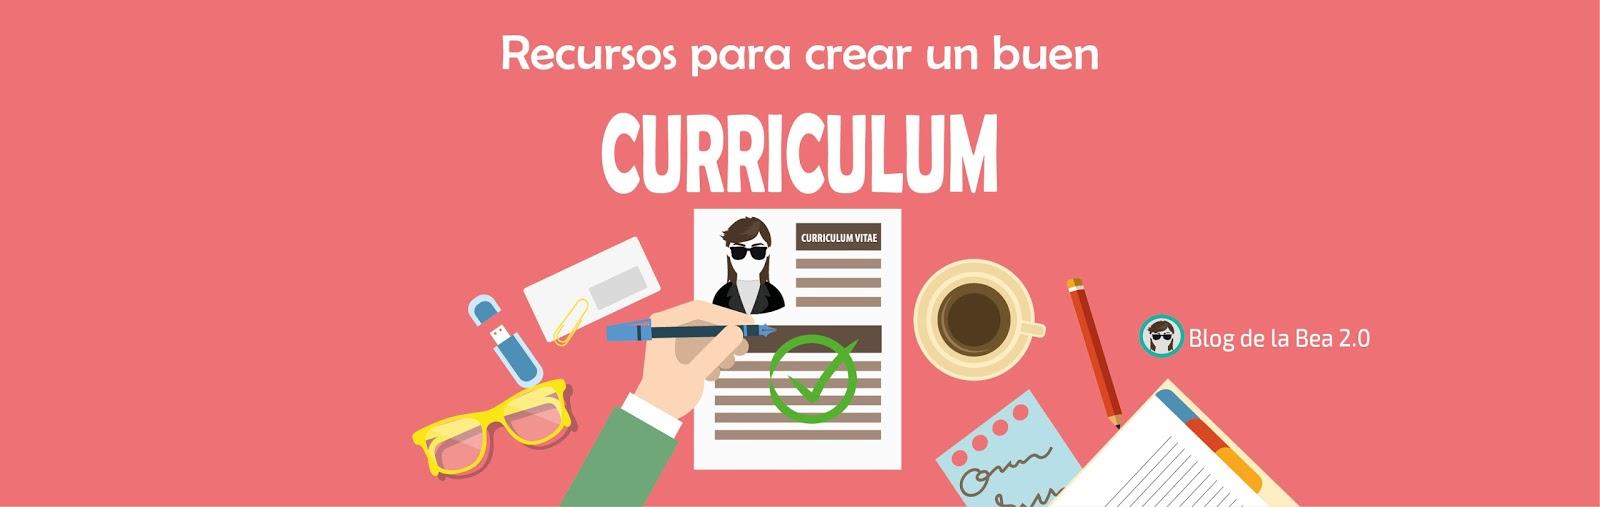 Recursos para crear un buen currículum. - Blog de La Bea 2.0